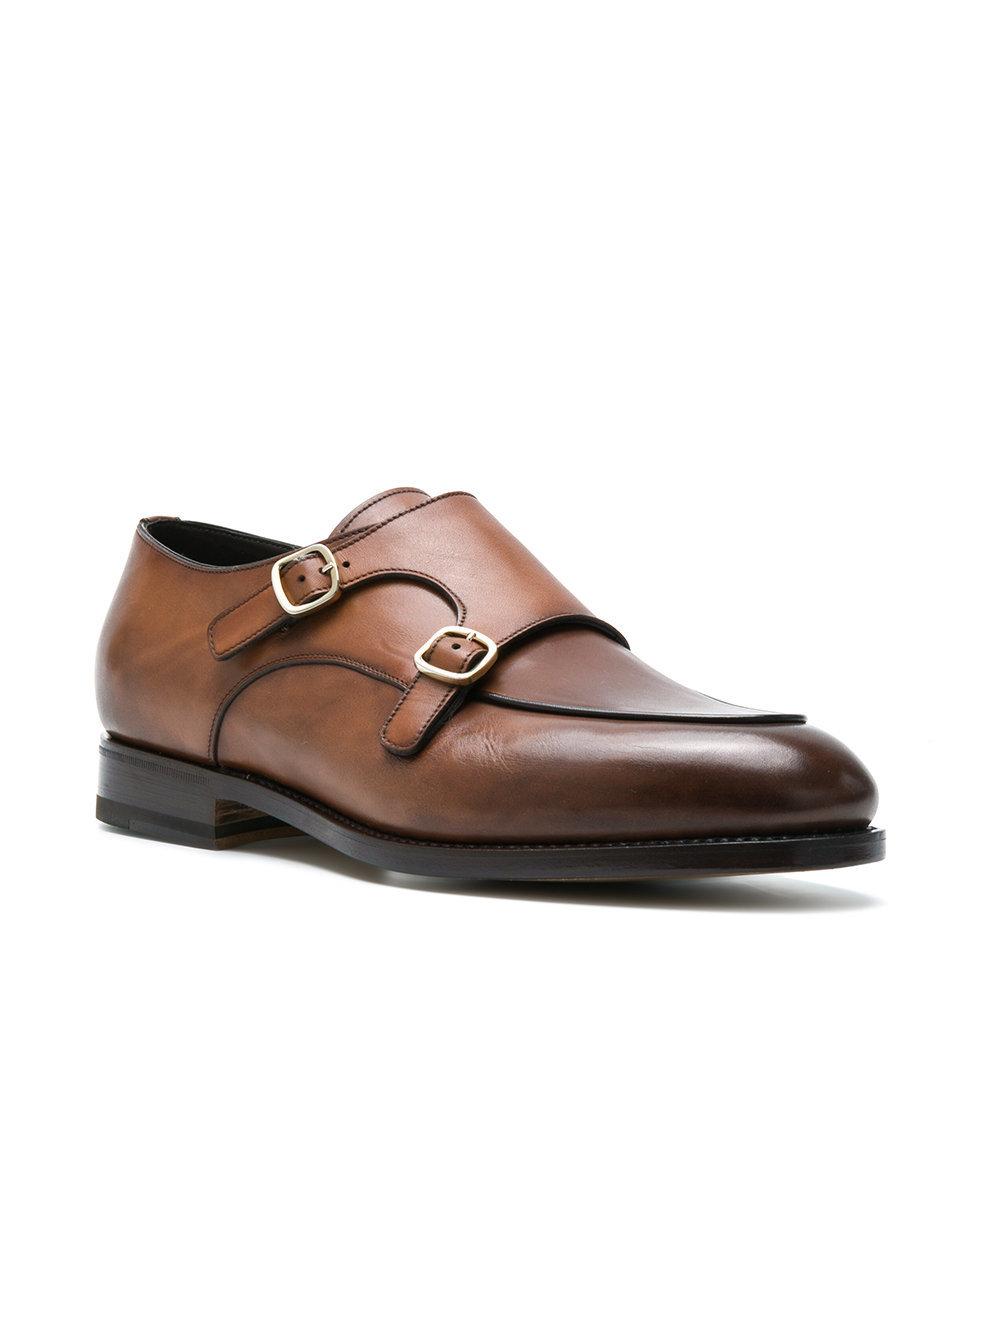 santoni monk strap shoes